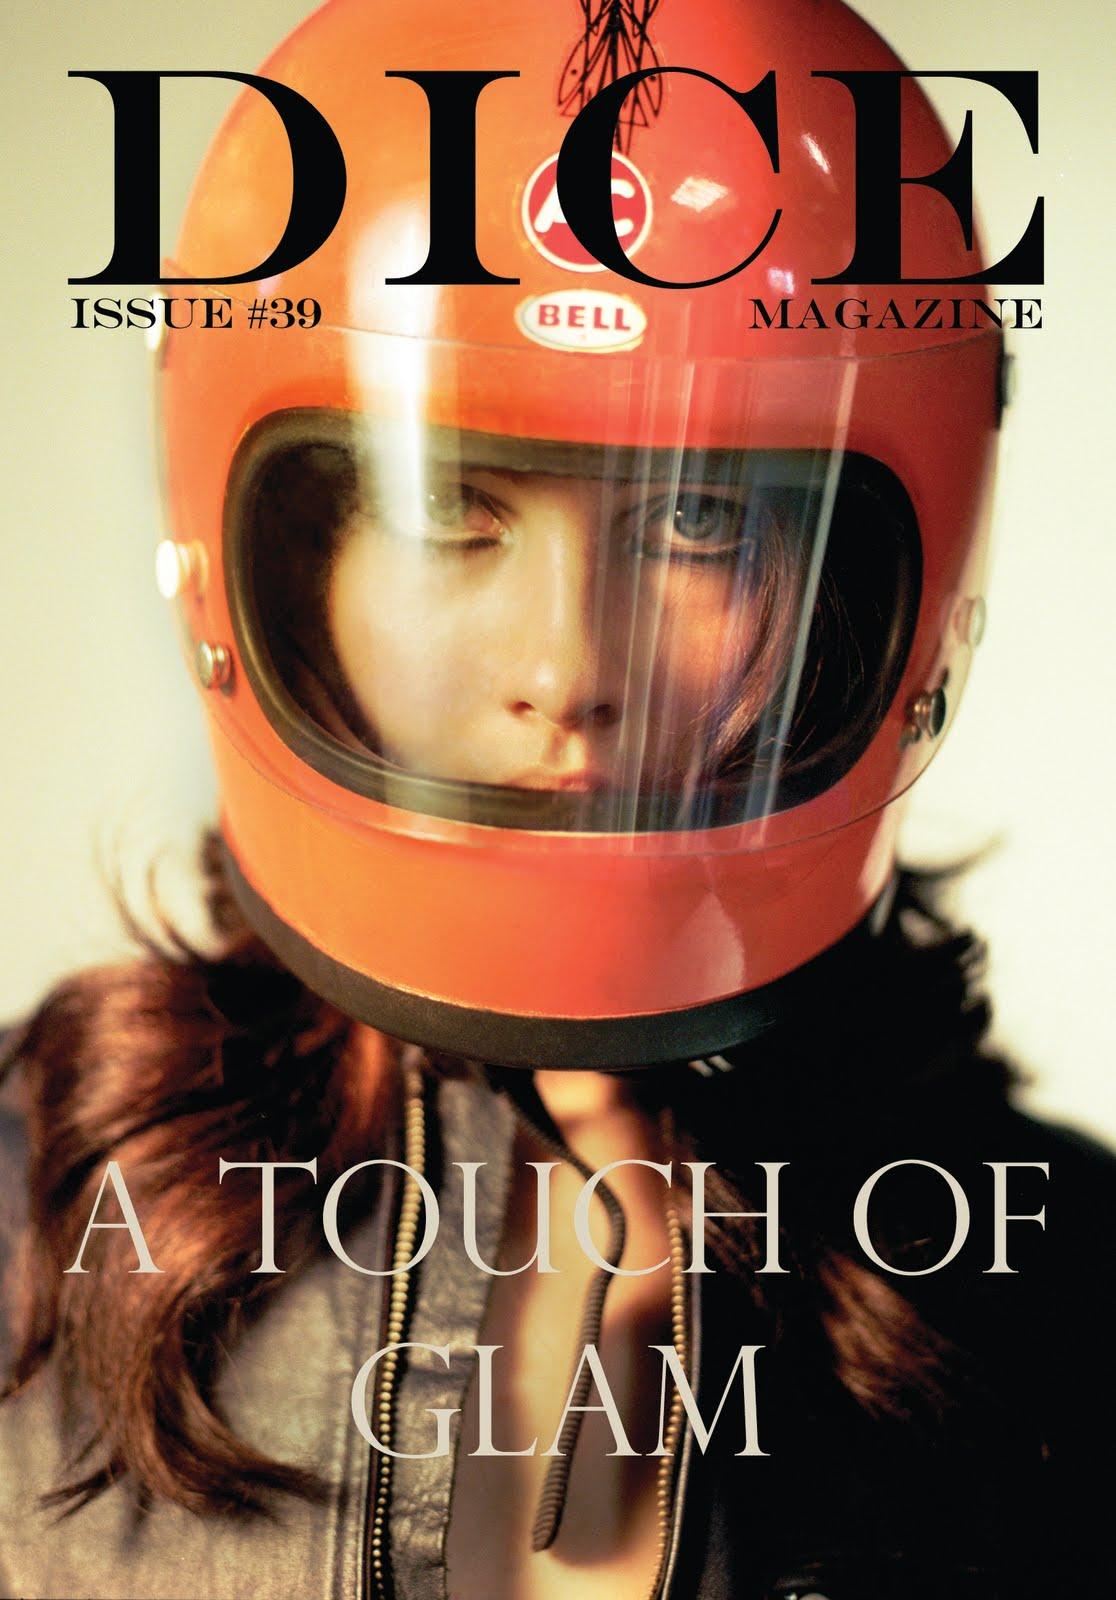 Dice Magazine Issue #39